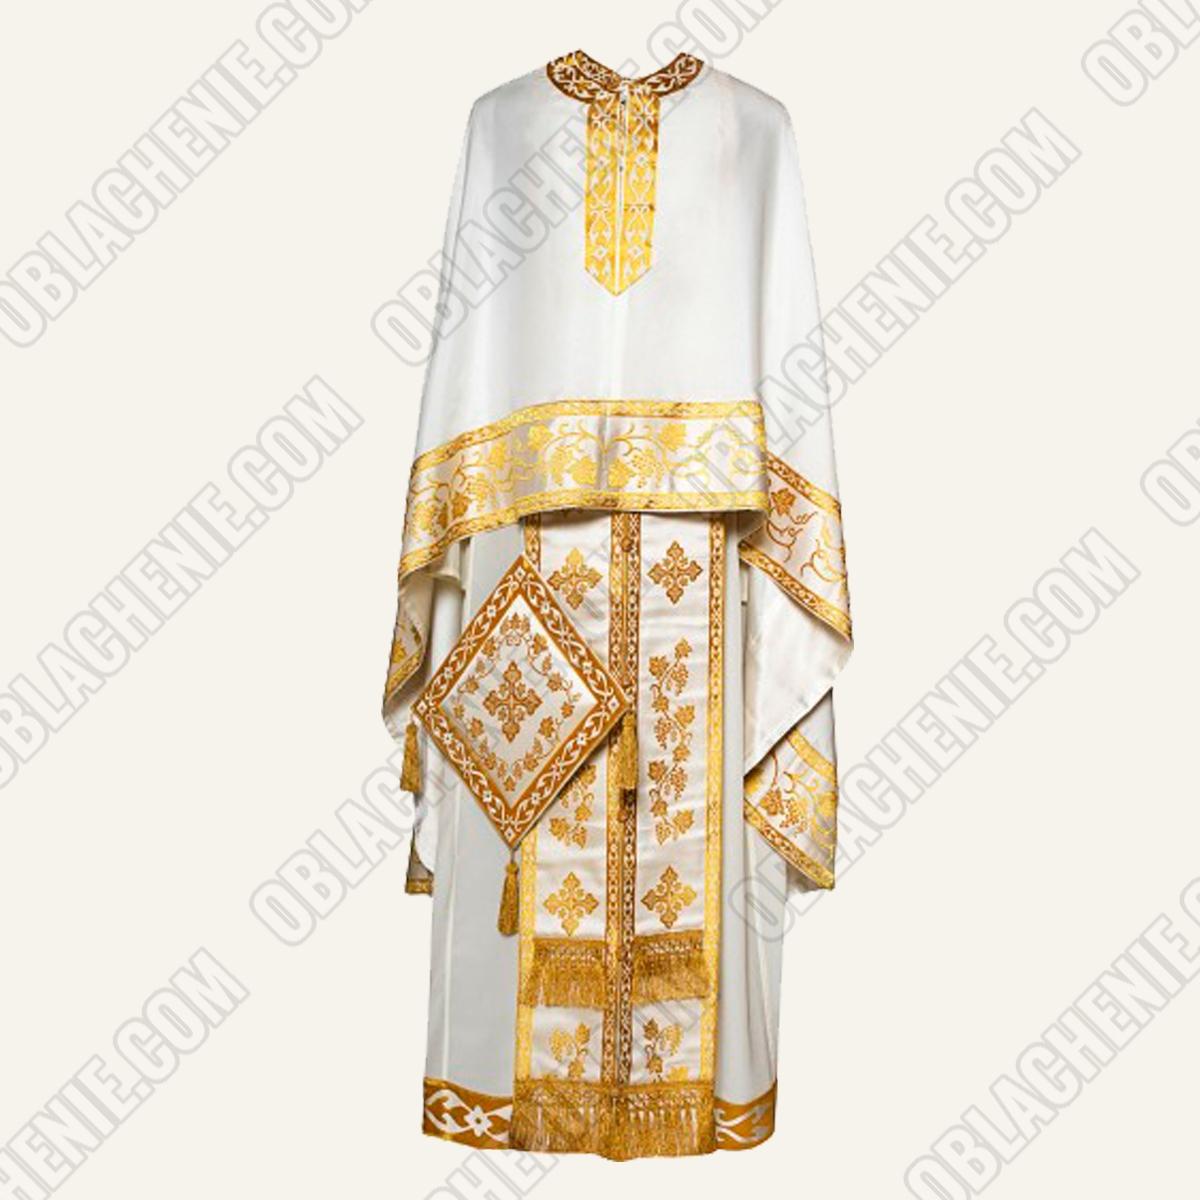 PRIEST'S VESTMENTS 11044